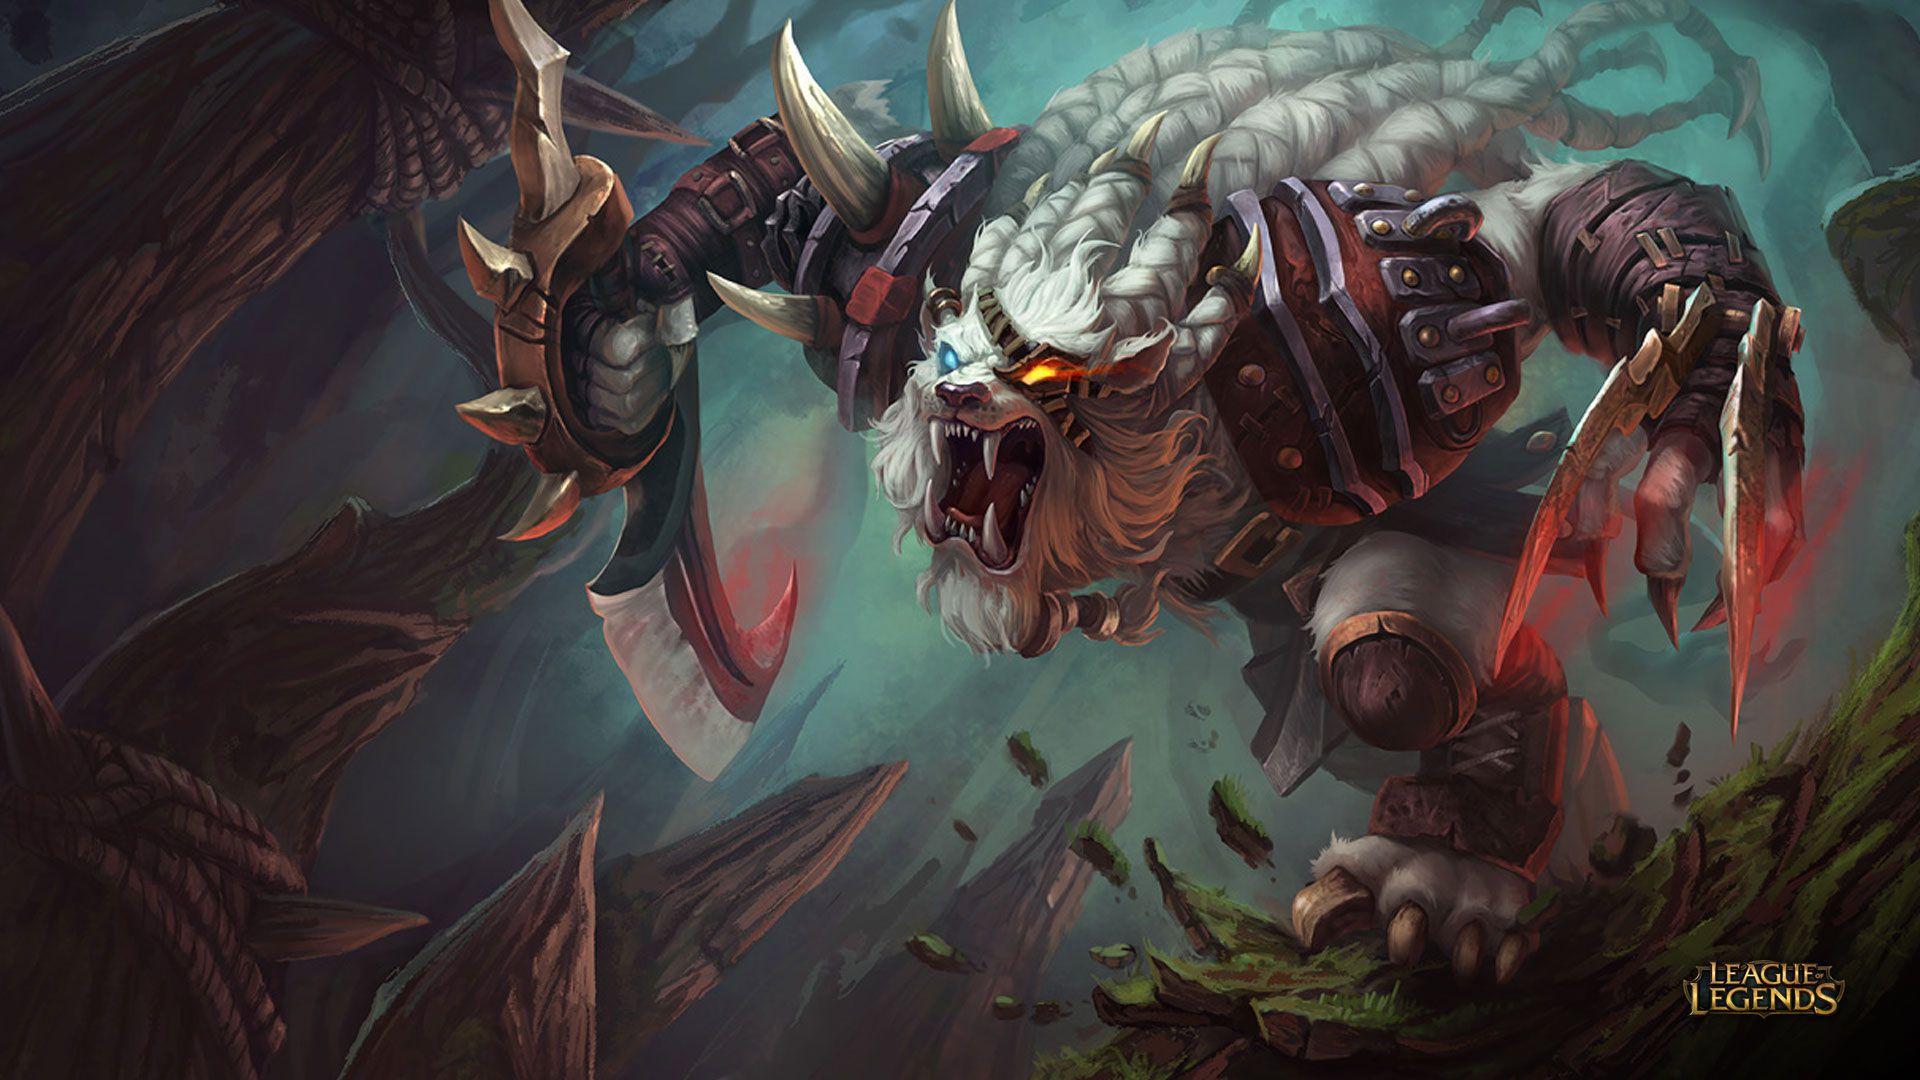 Rengar Wallpaper - League of Legends Wallpapers